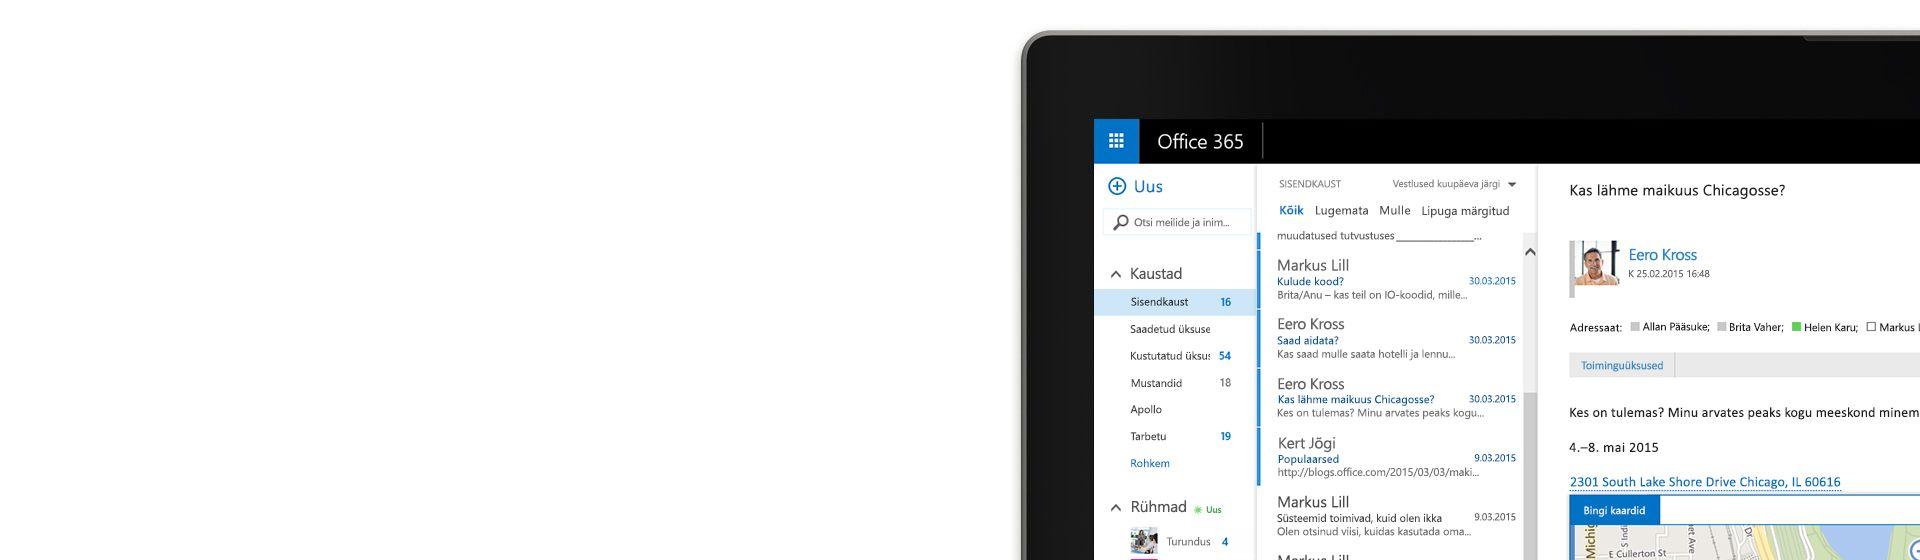 Arvutiekraani nurk, kus on kuvatud Office 365 meilipostkast